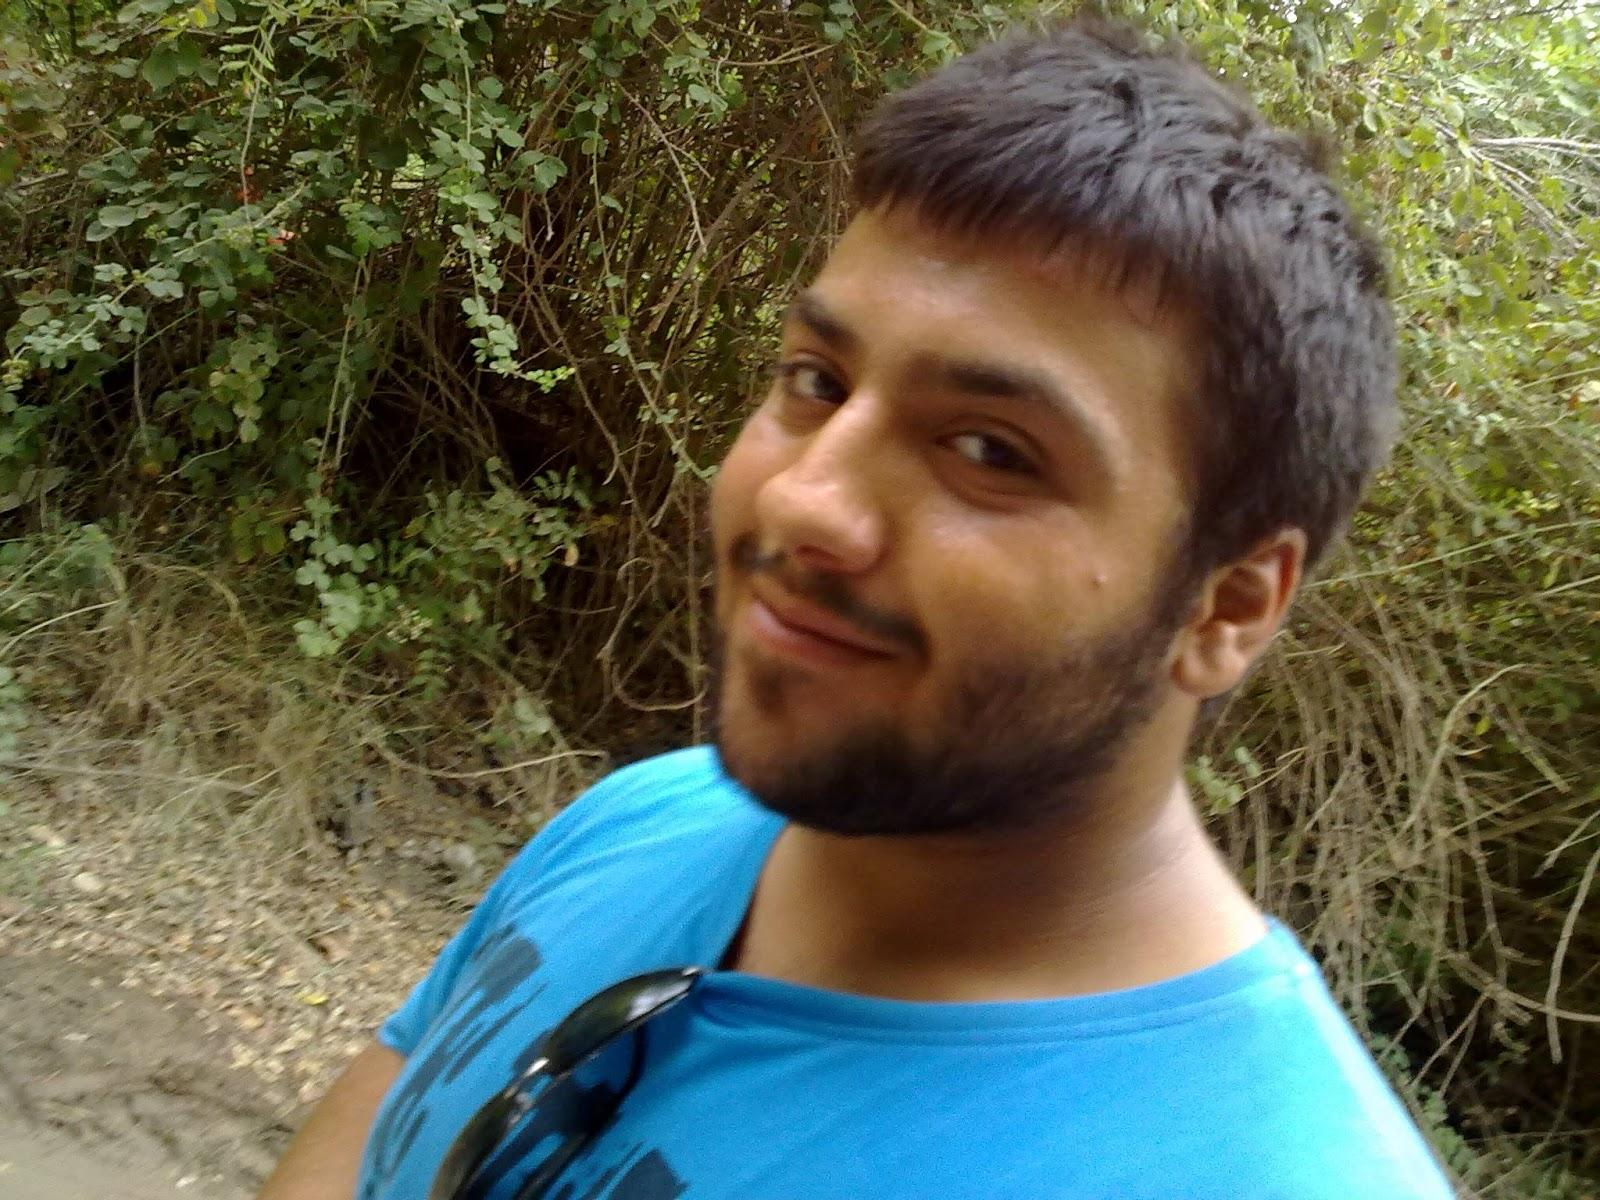 Abdullah Cömert'in katili yine yargılanmış gibi yapıldı